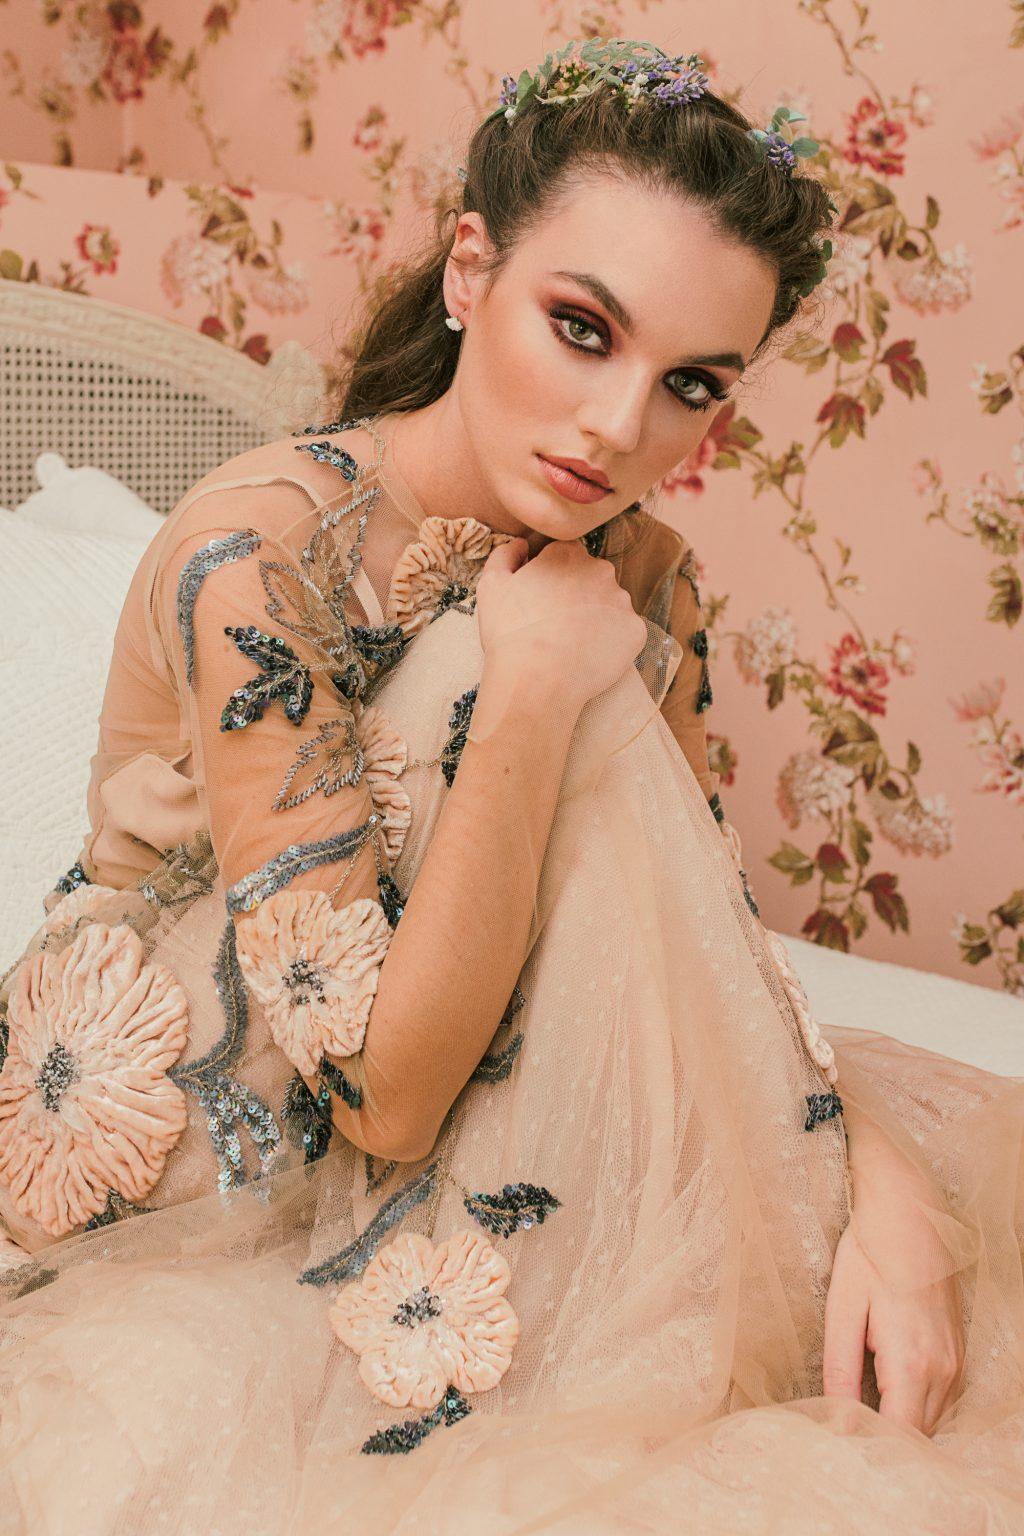 tendencias en maquillaje de novia 2020 7 - Propuestas para el Maquillaje y Peinado de Novias 2020